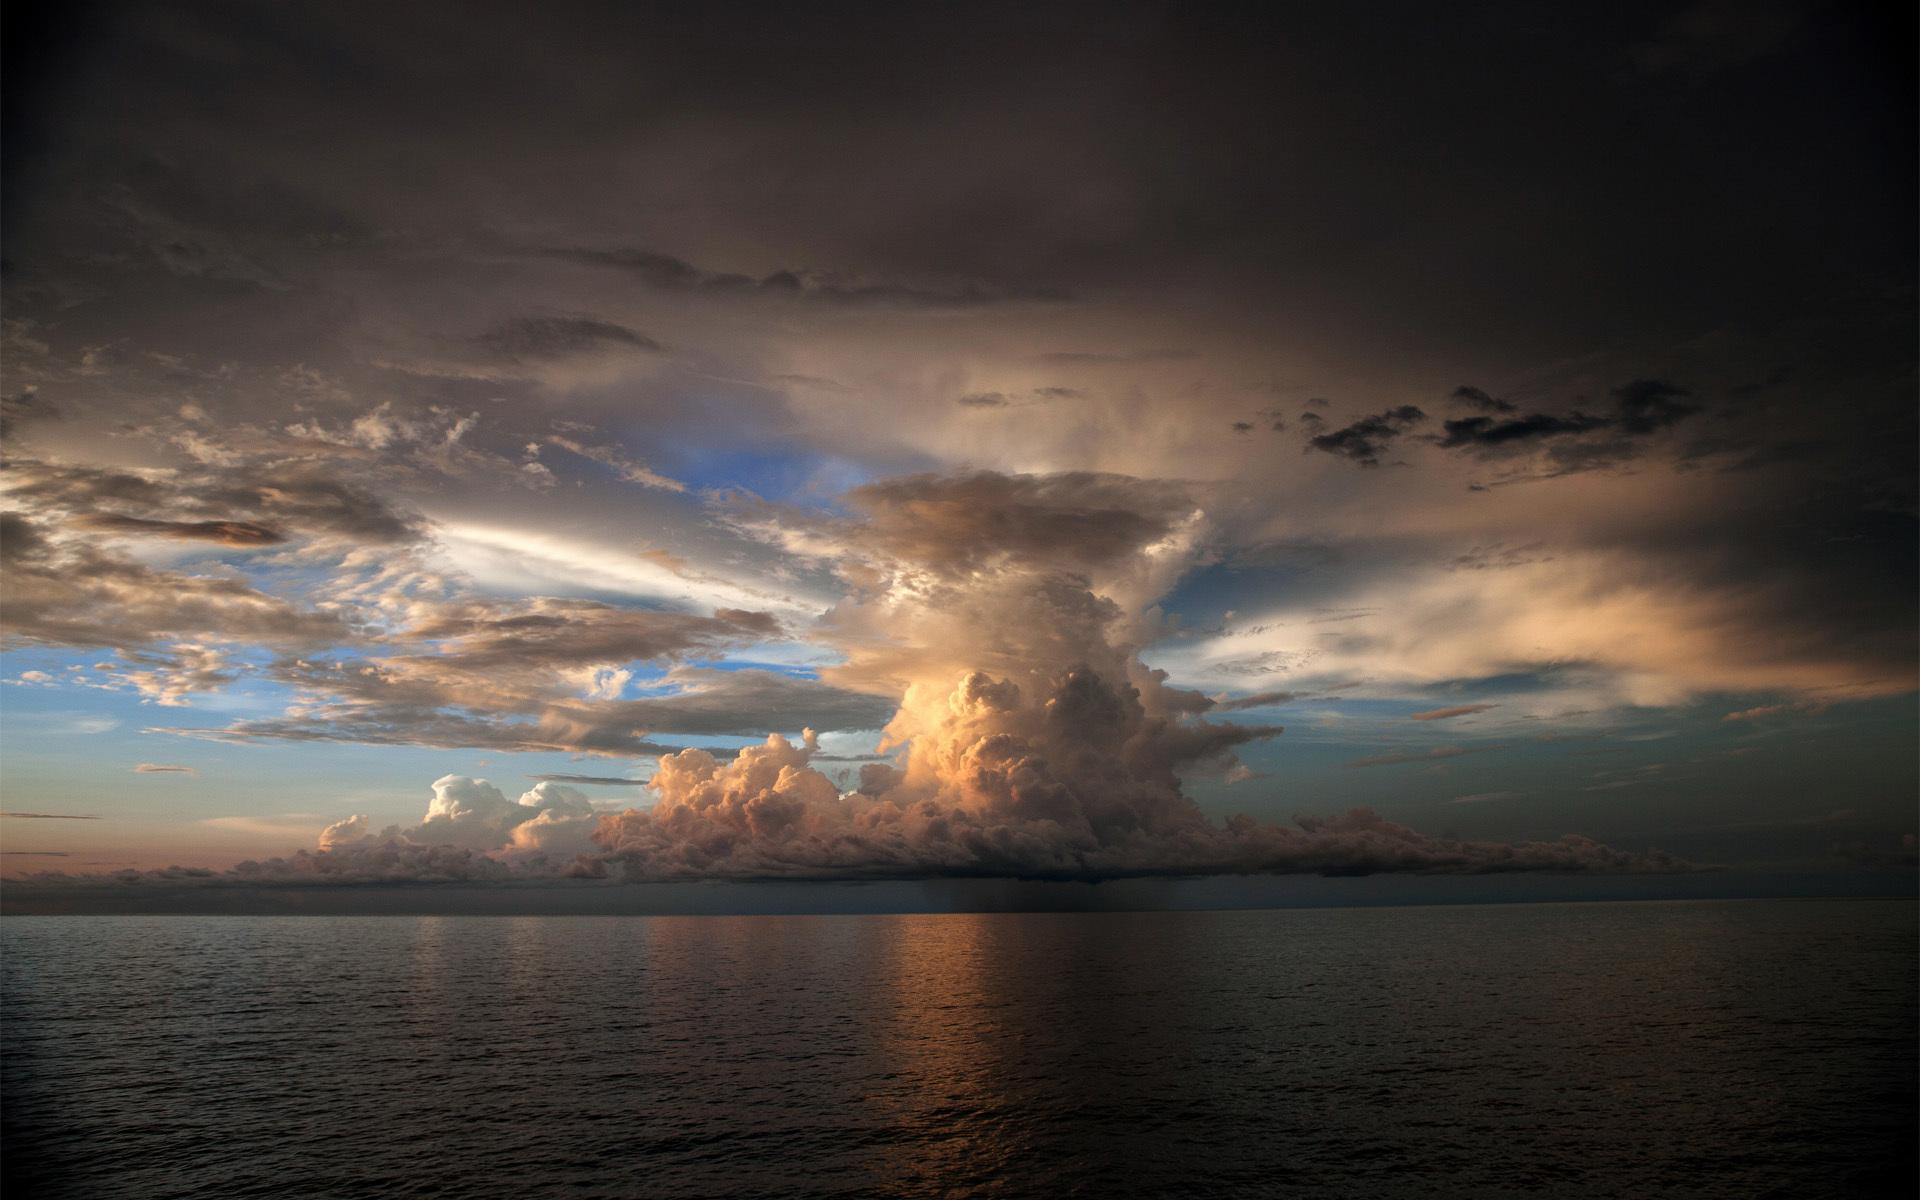 море перед бурей  № 3112447 загрузить